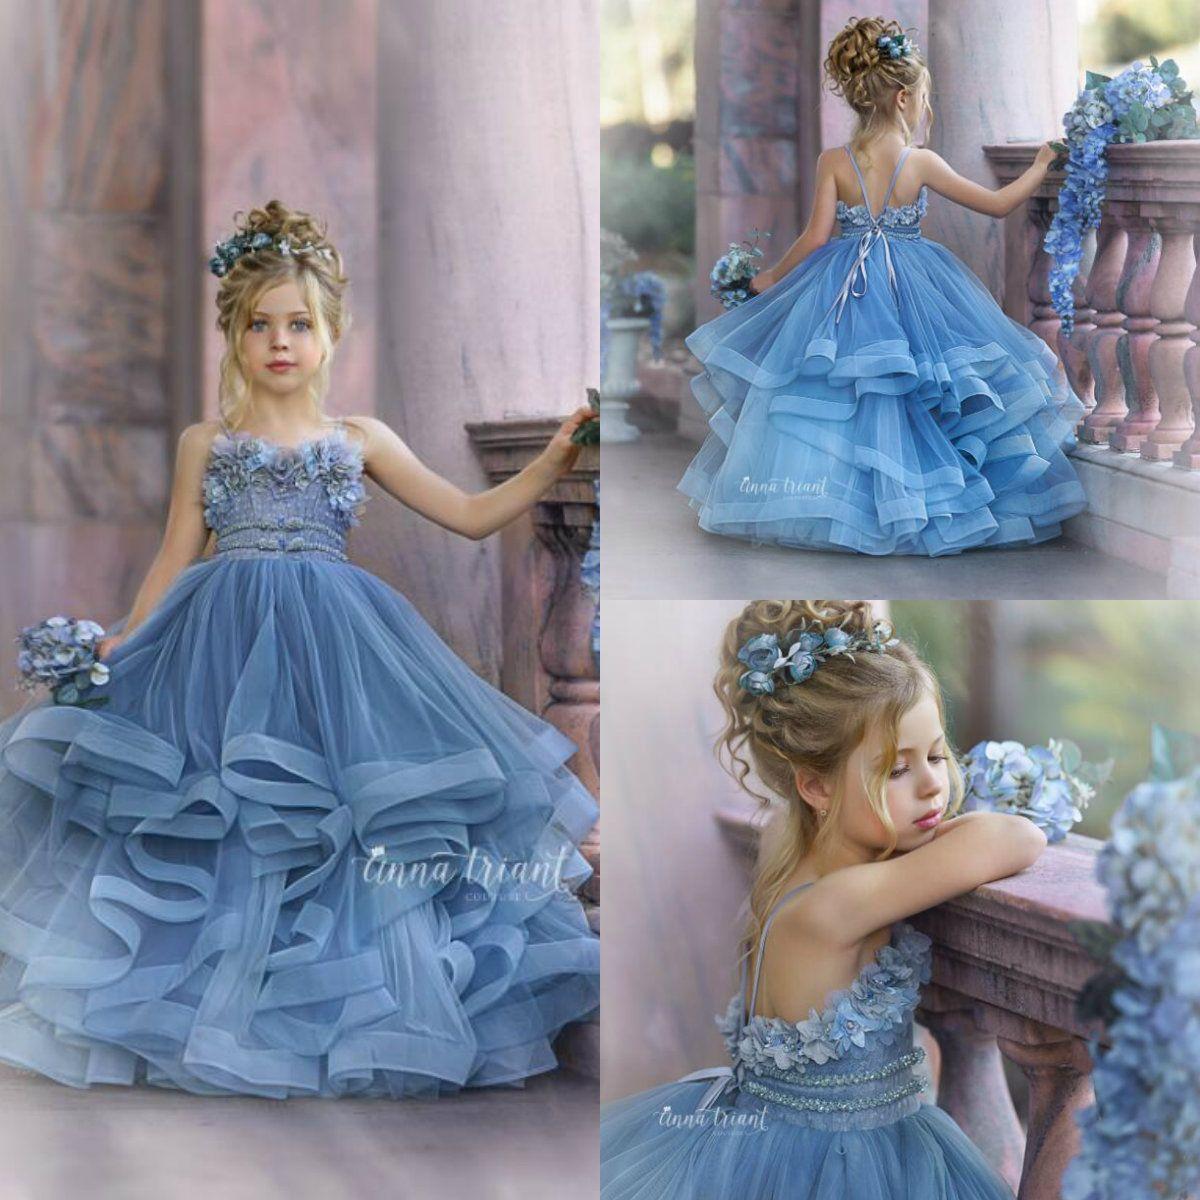 2020 귀여운 꽃의 소녀 드레스 웨딩 스파게티 레이스 꽃 아플리케 계층 스커트 여자 선발 대회 드레스 A 라인 아이 생일 드레스